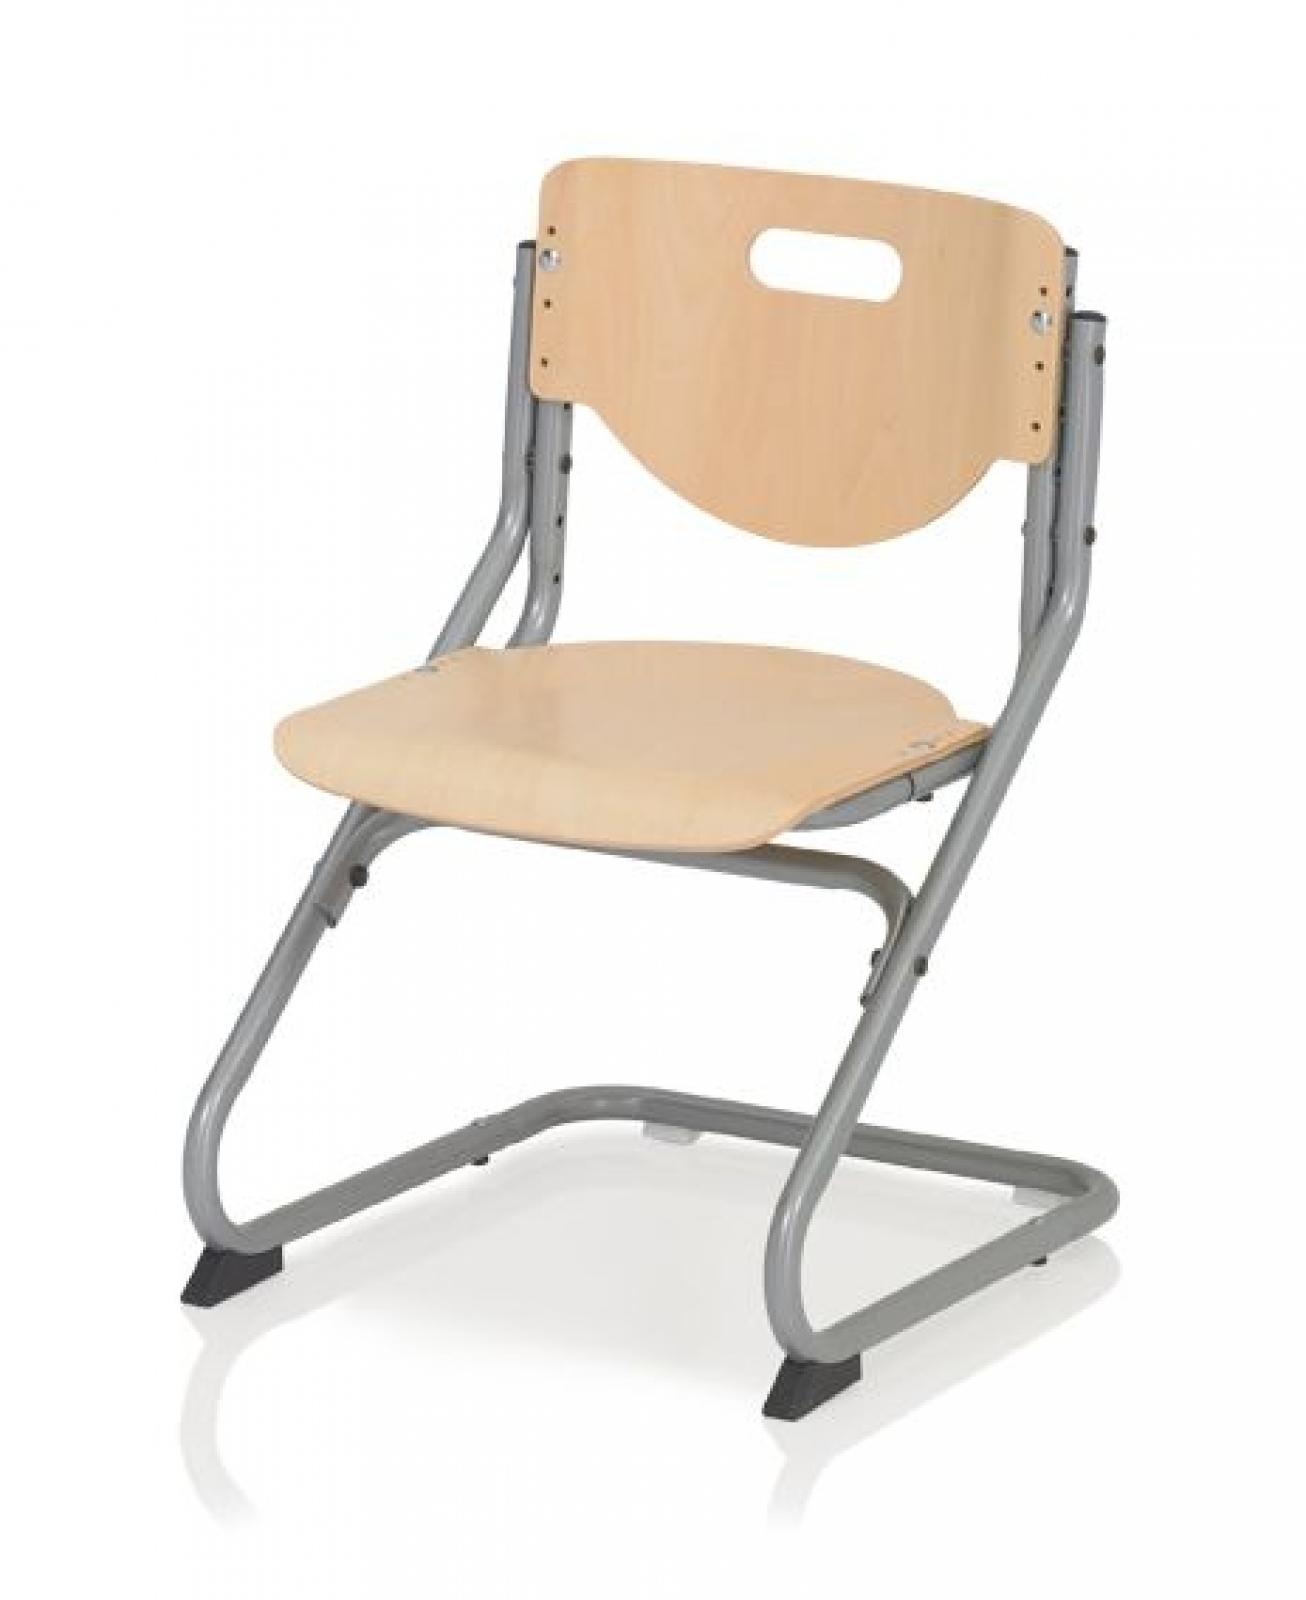 kinderstuhl mae great bebe style baby hochstuhl in with kinderstuhl mae sthlchen mae with. Black Bedroom Furniture Sets. Home Design Ideas